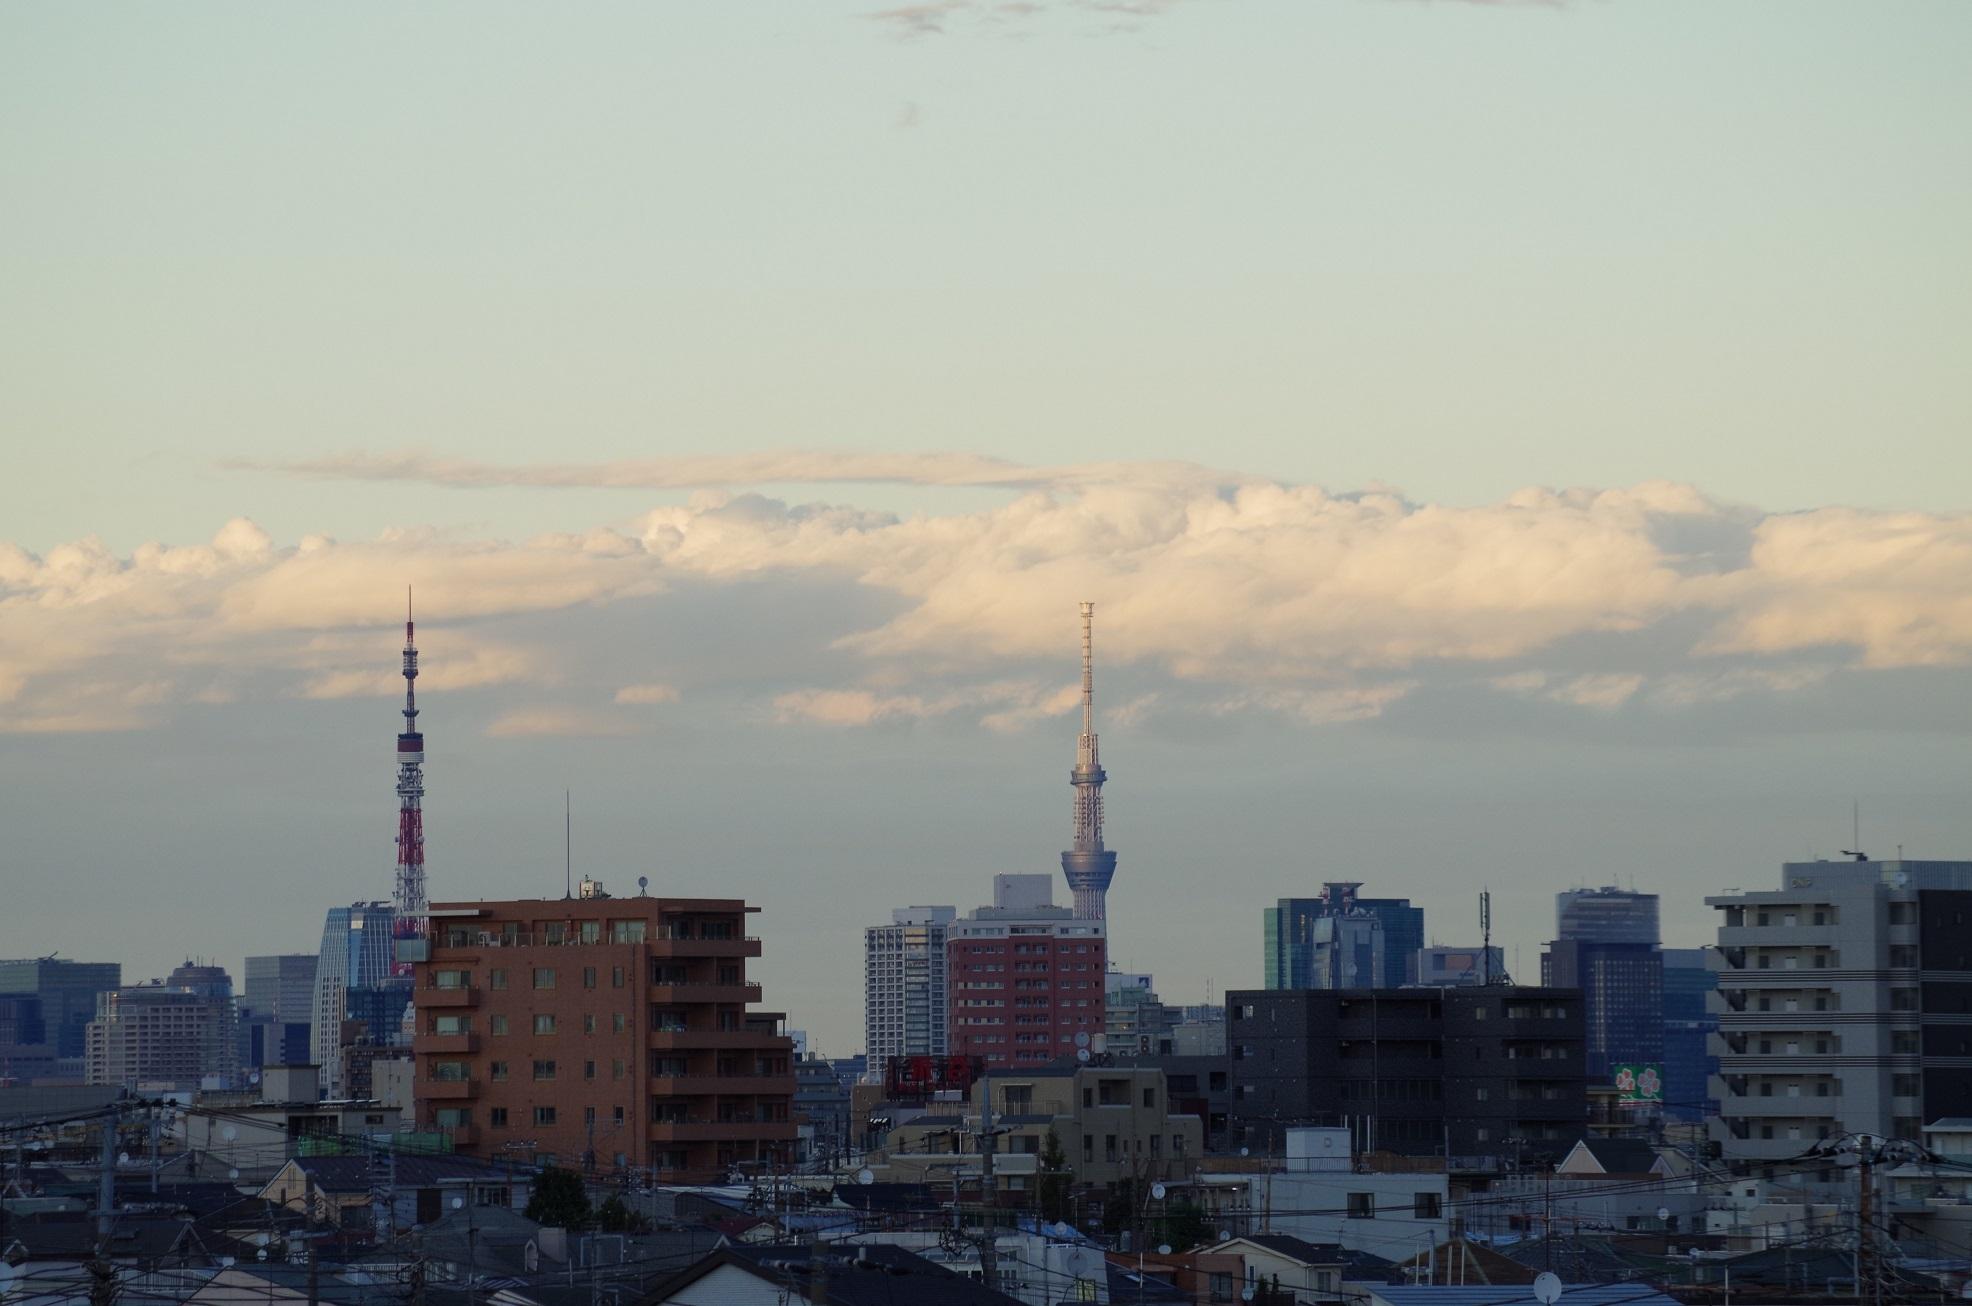 東工大本館の屋上 スカイツリーと東京タワーが同じ大きさに見える